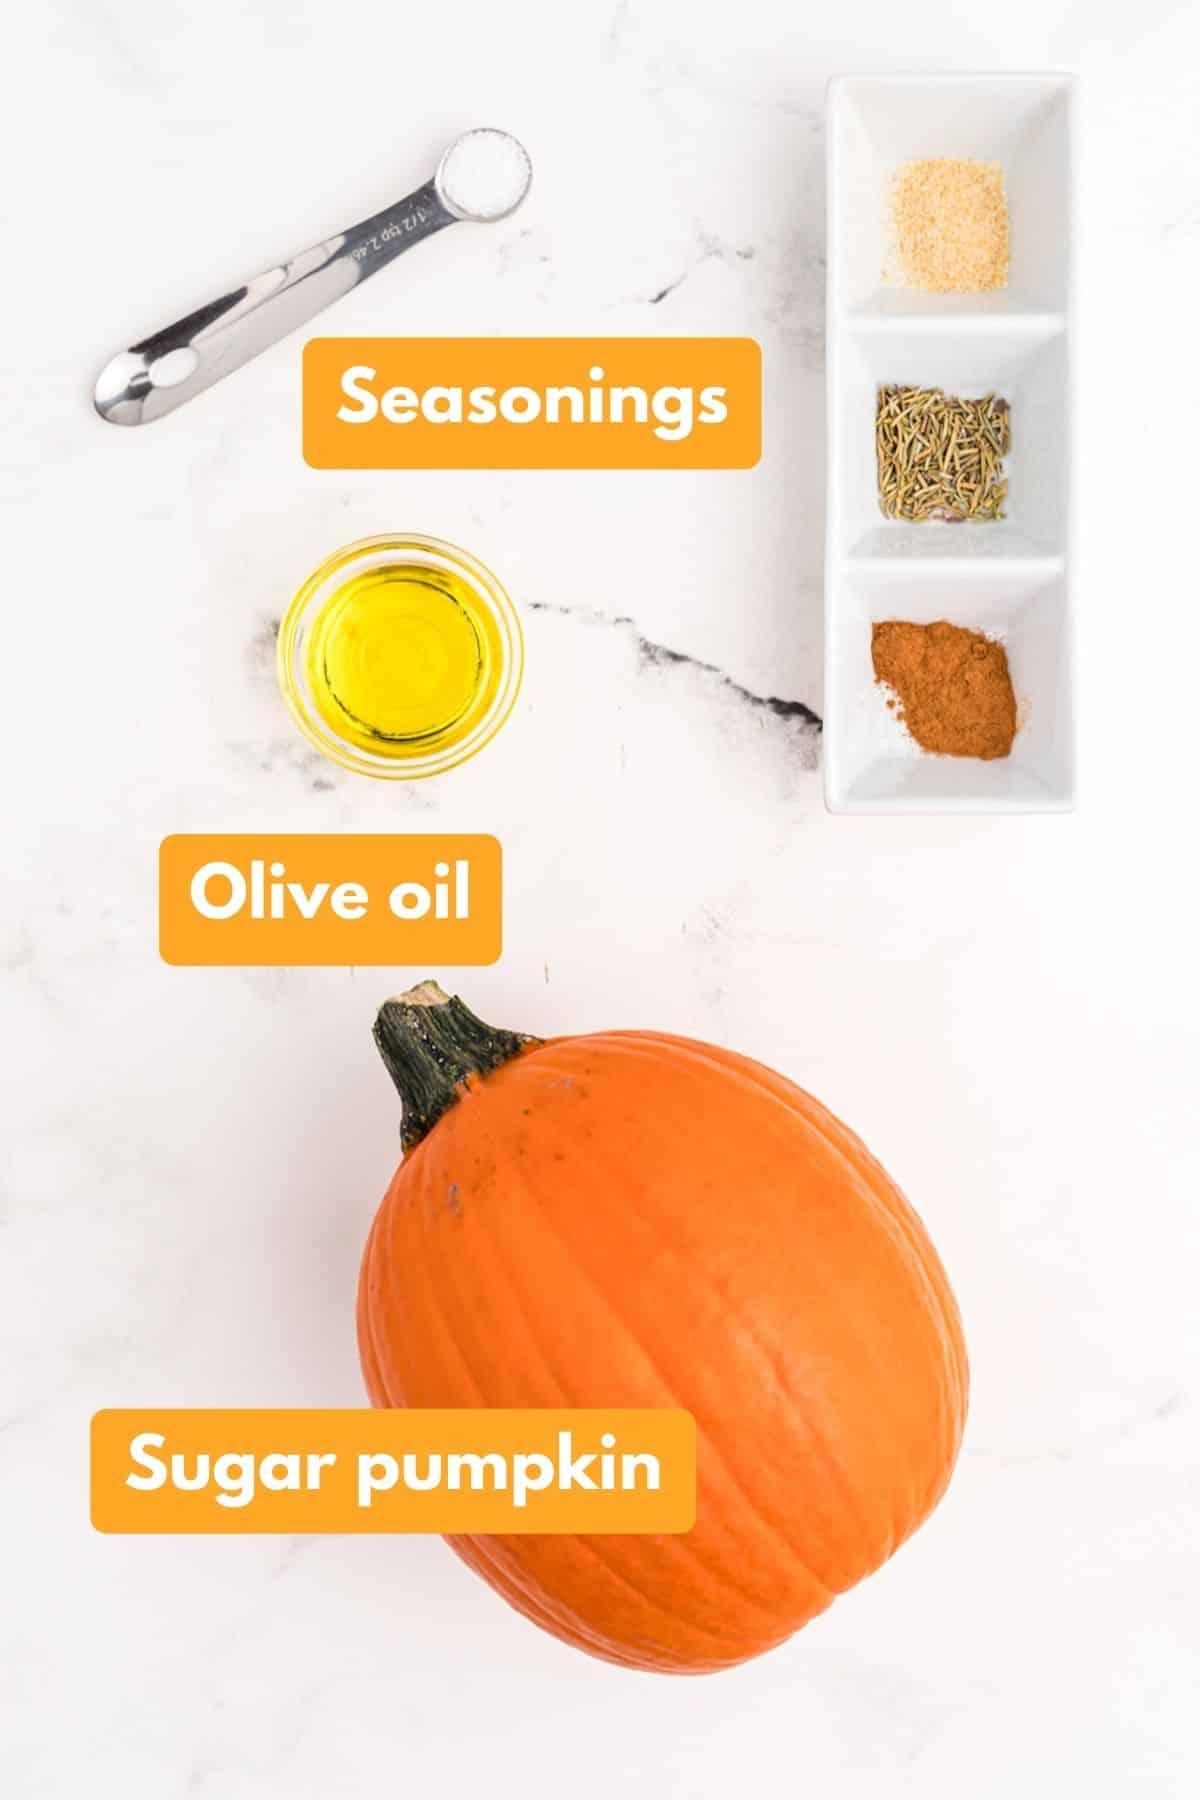 ingredients for air fryer roasted pumpkin